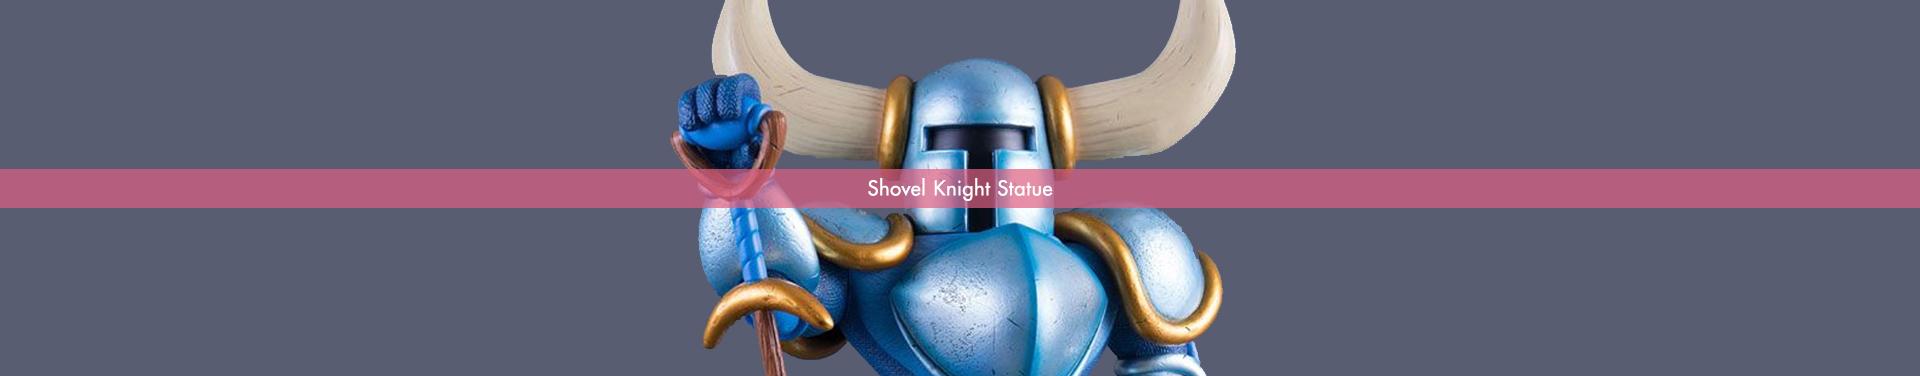 Shovel Knight Statue: Shovel Knight